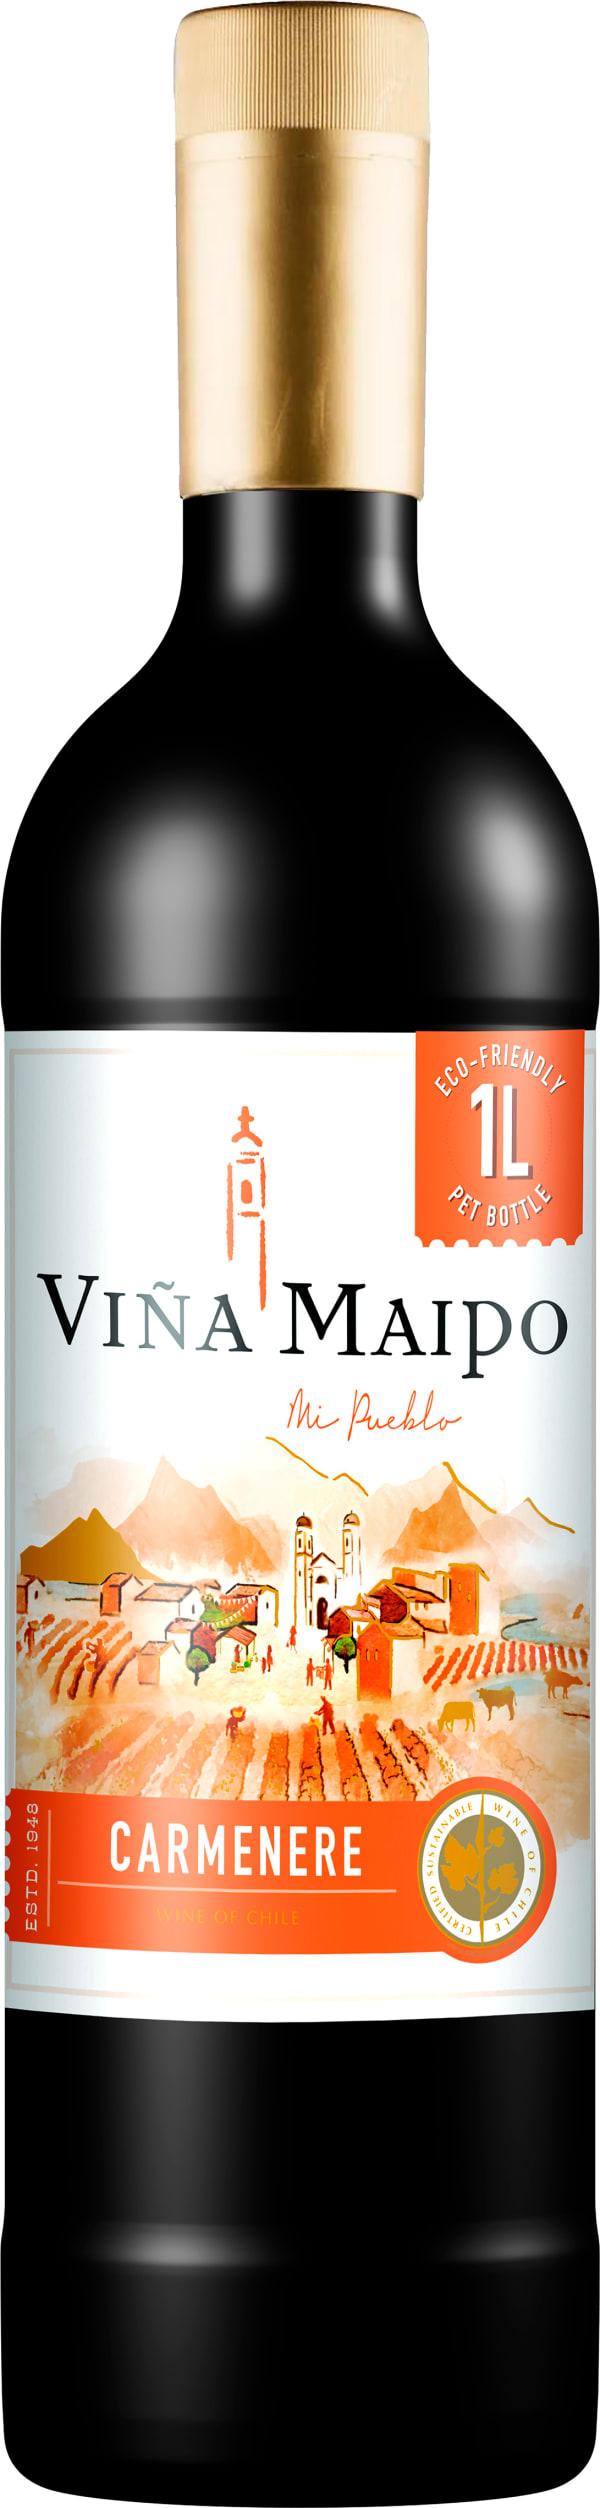 Viña Maipo Mi Pueblo Carmenere 2018 plastic bottle